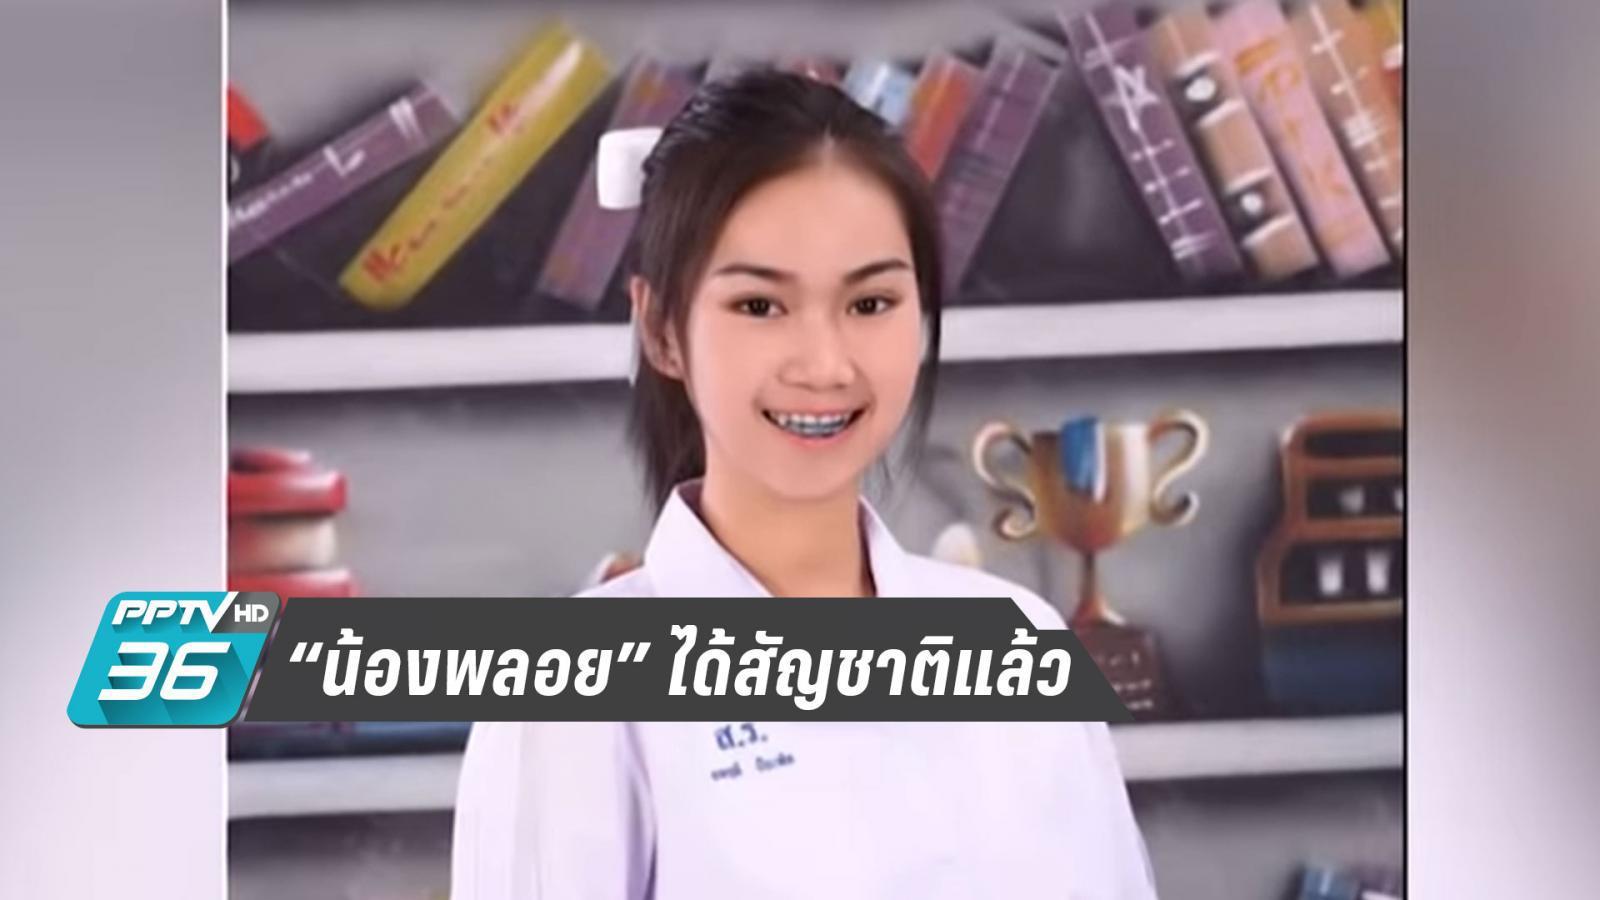 """""""น้องพลอย""""ได้สัญชาติไทยแล้ว เตรียมบินแข่งวิทย์ระดับโลก"""